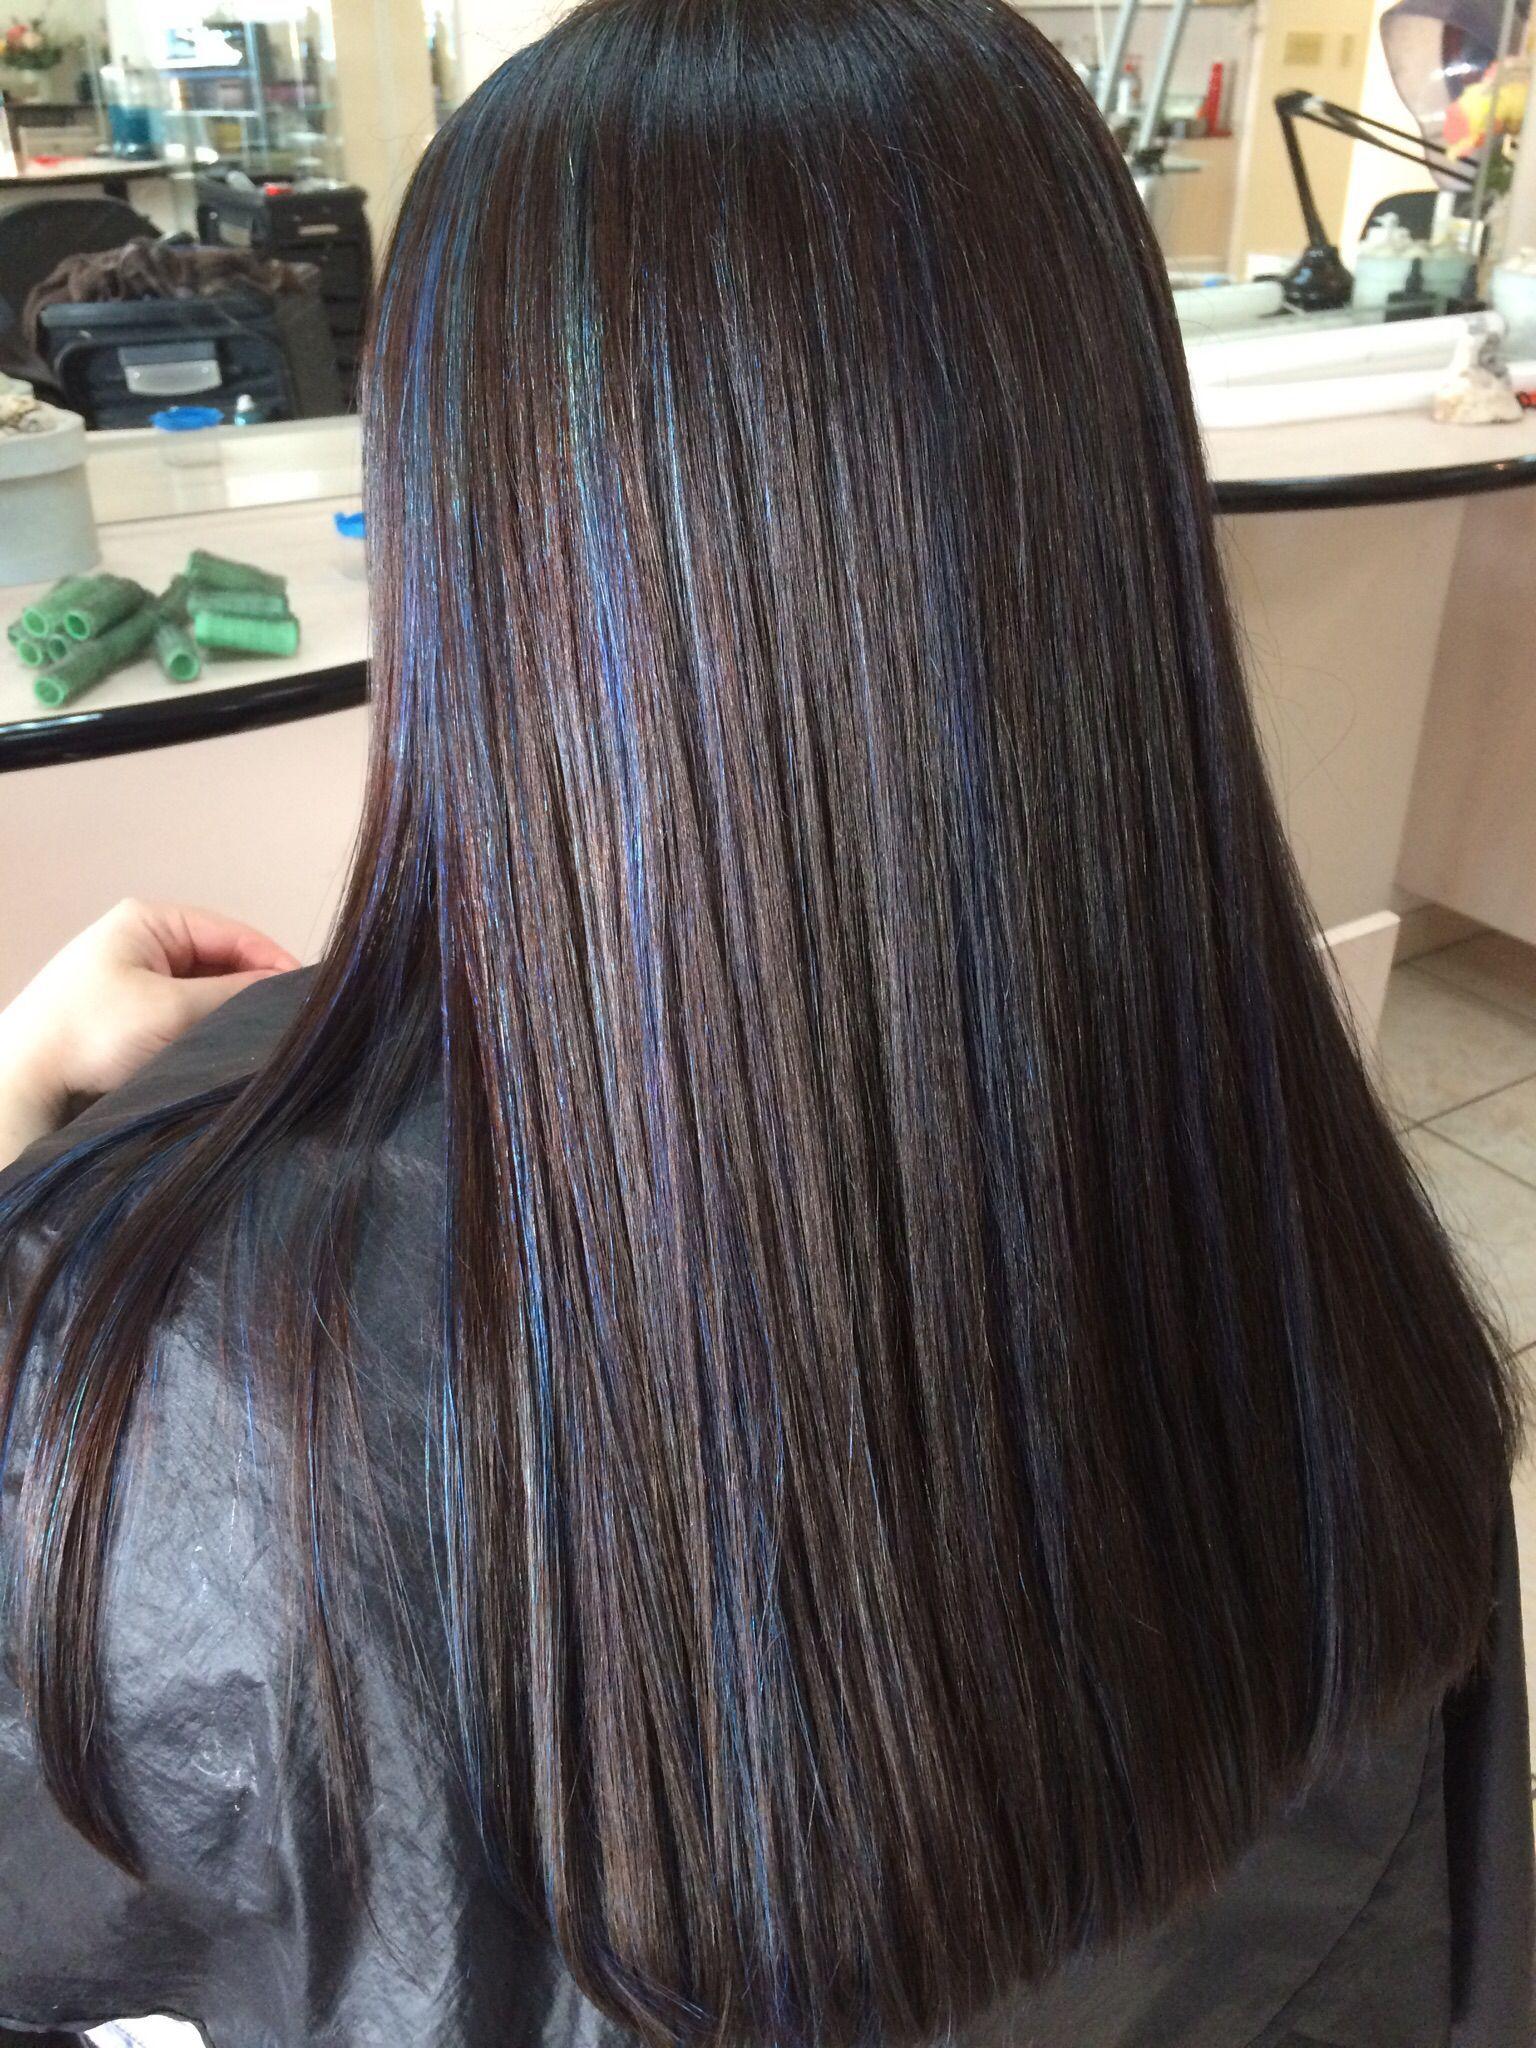 Blue Hair Color Highlights For Medium Hair Blue Hair Highlights Brown Hair Blue Highlights Hair Highlights